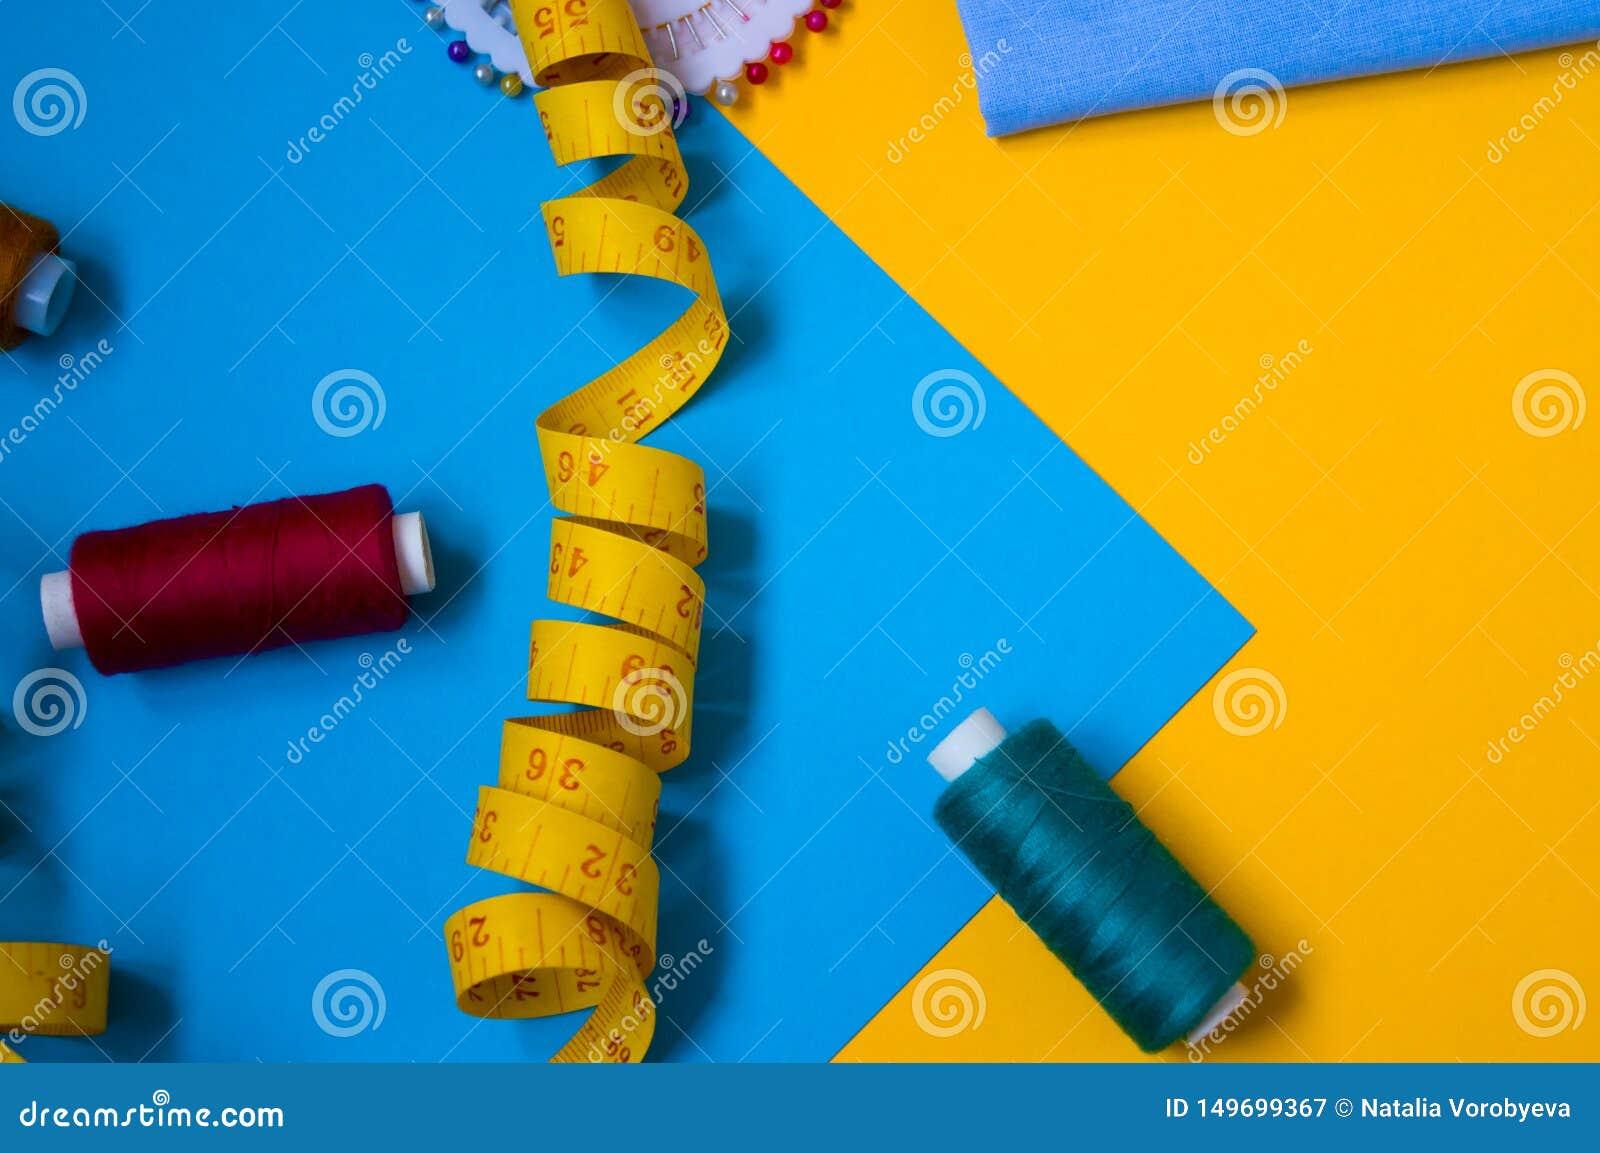 Outils de couture et accessoires de couture, accessoires, kit de couture